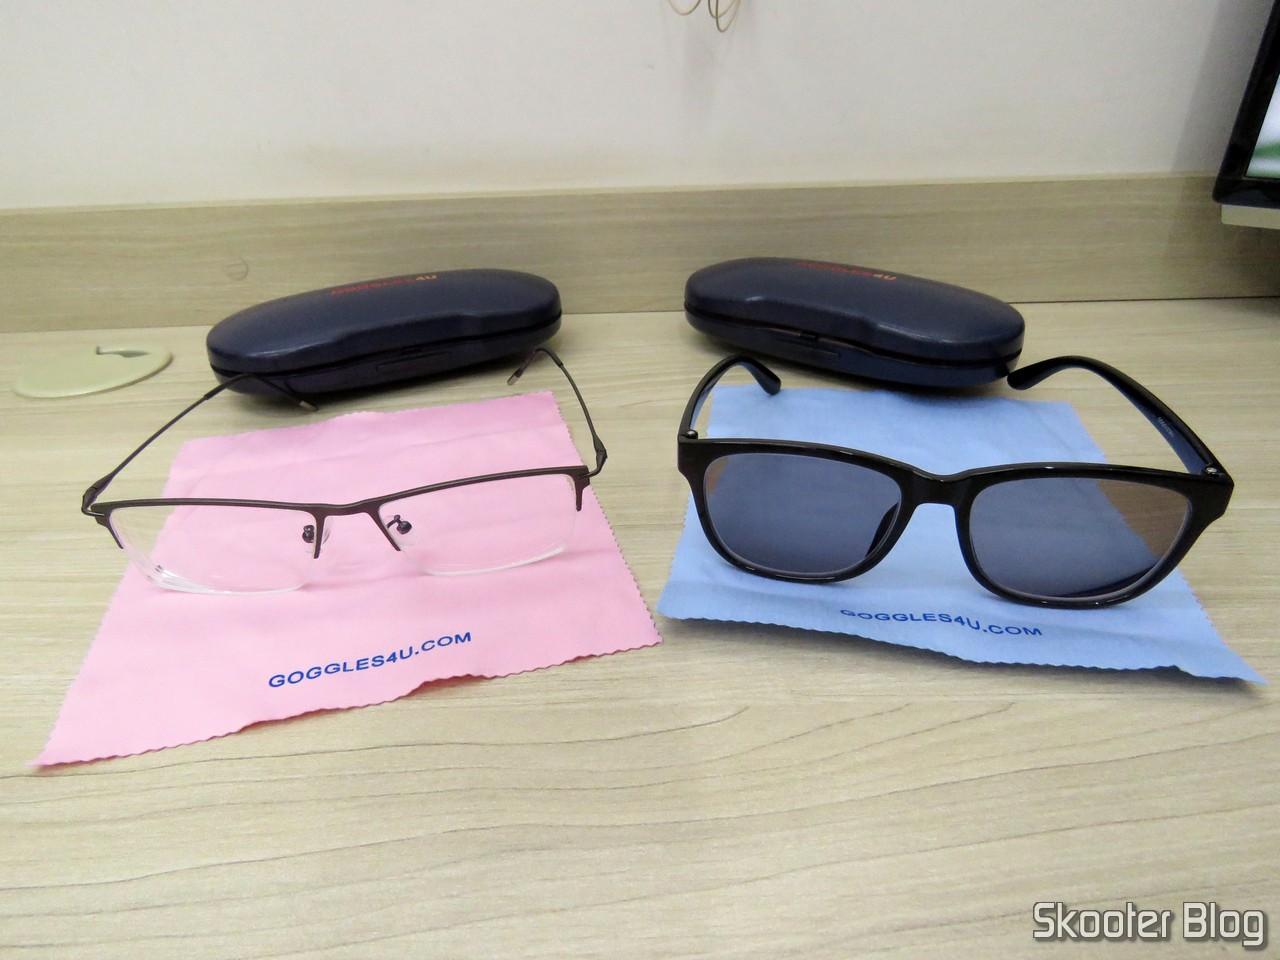 ab8fb5857c972 Review  Óculos de Grau Lente 1.67 Super Fina e Óculos de Sol com ...